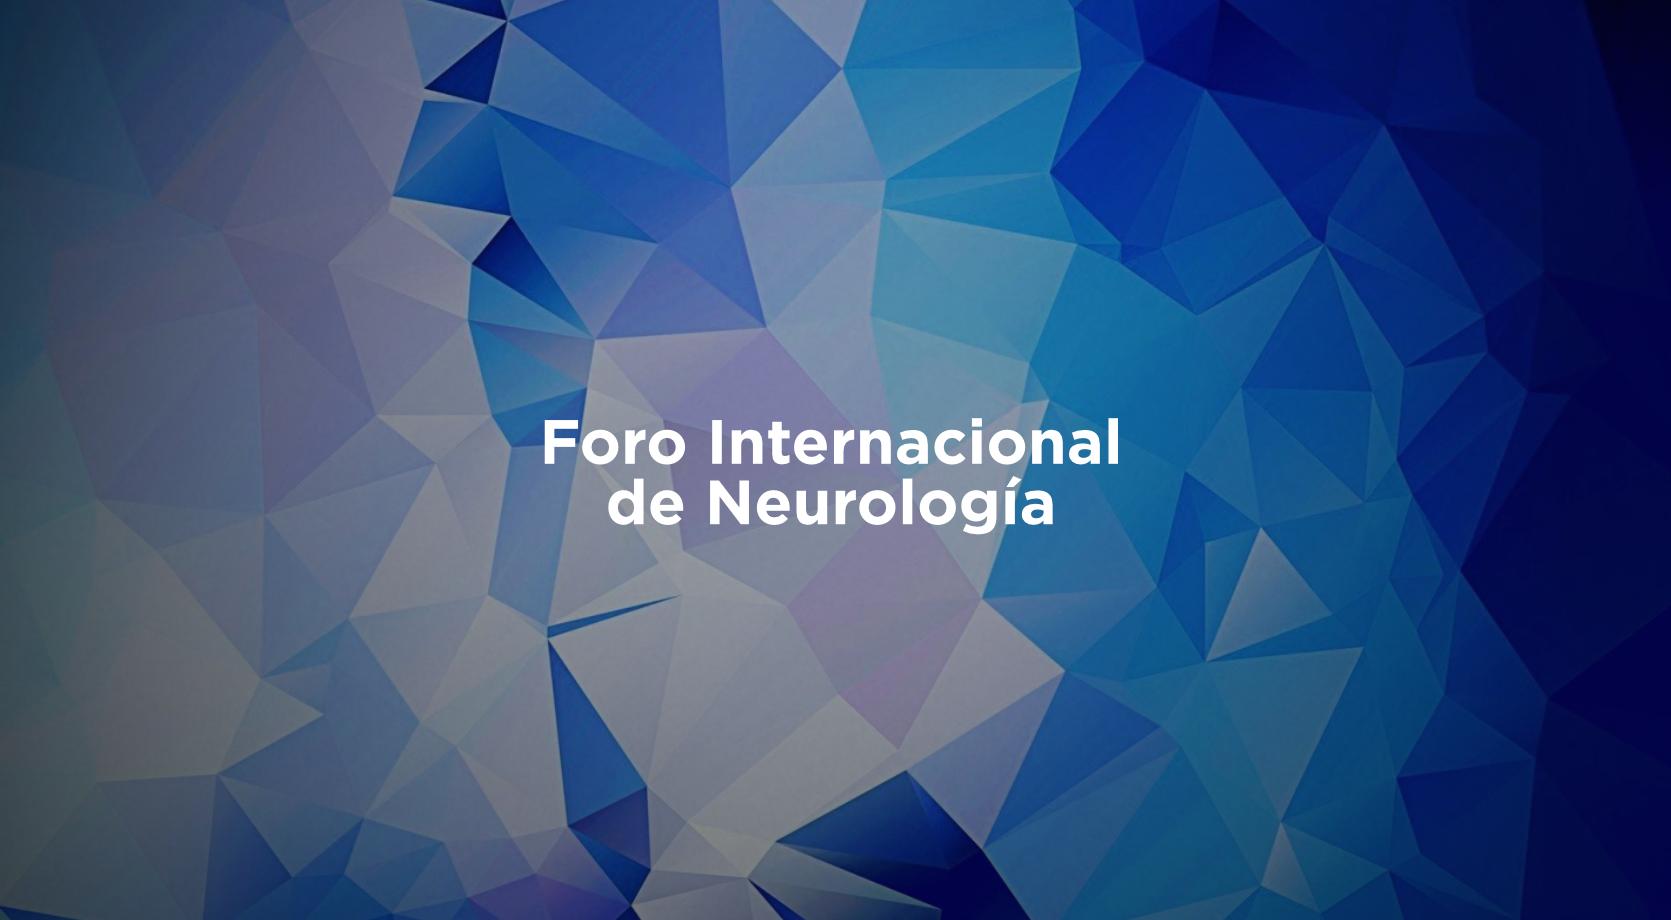 Foro Internacional de Neurología 2020